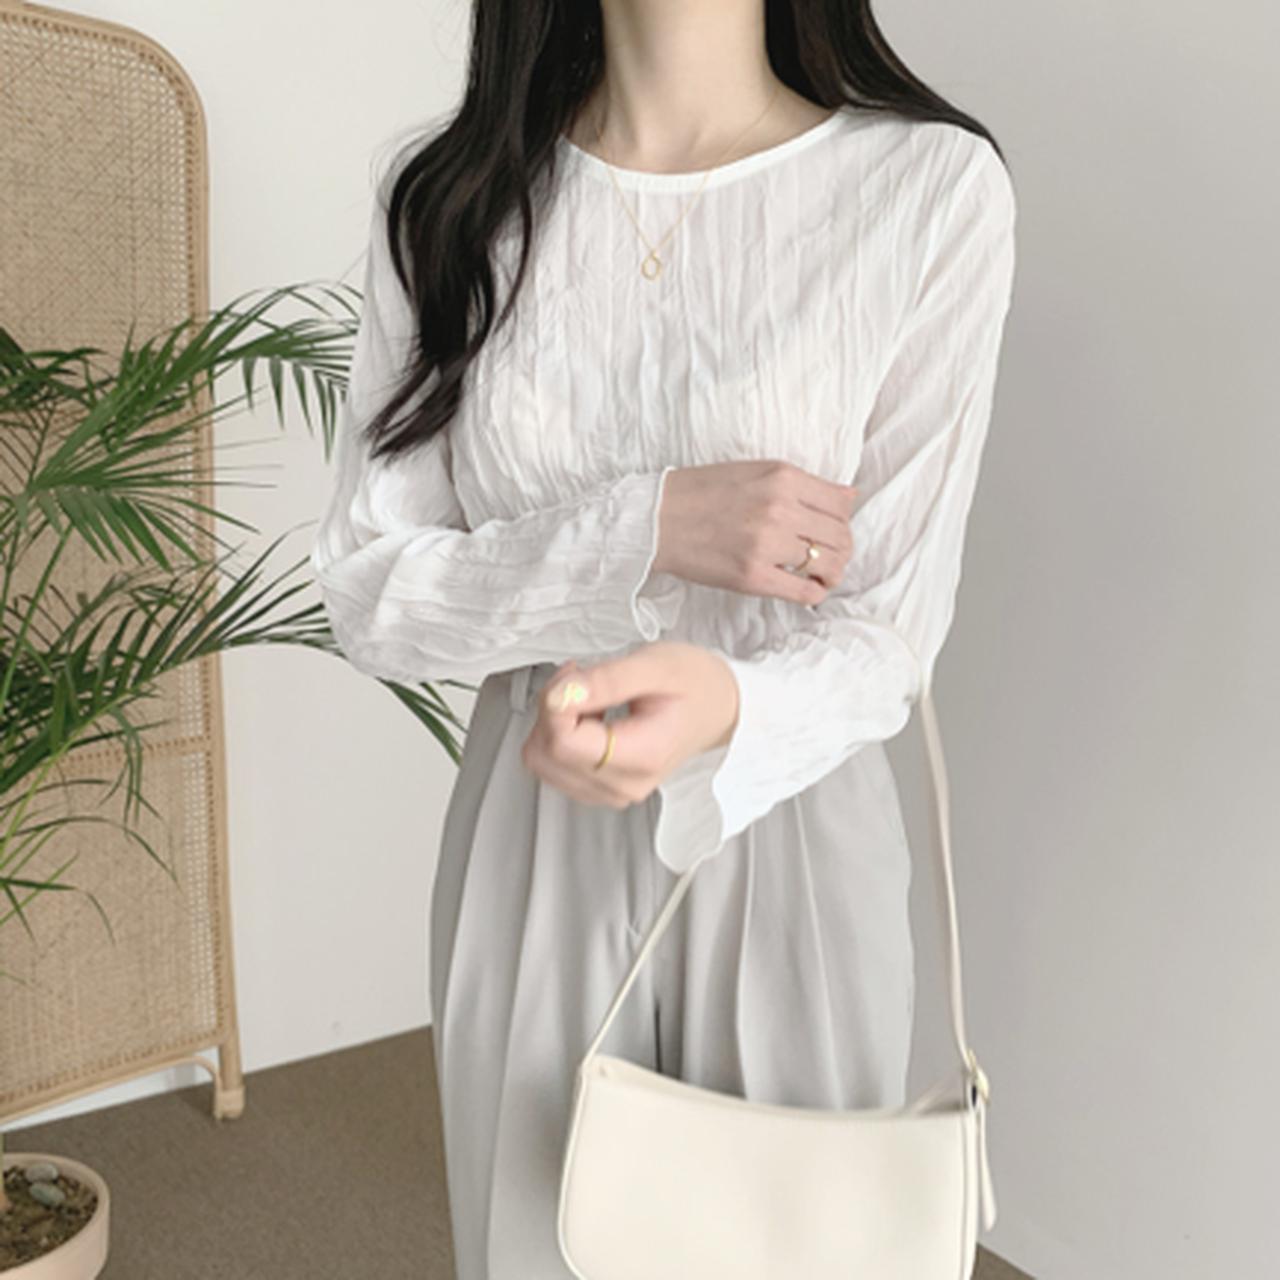 画像1: 韓国のロードサイドショップのファッションが手に入る!Qoo10に「BRICH」公式がオープン!